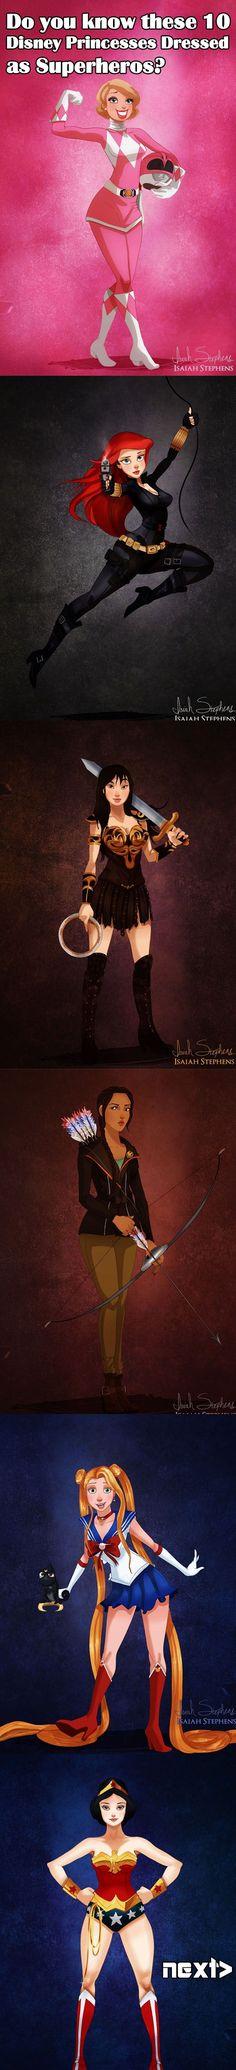 Disney Princesses As Superheros